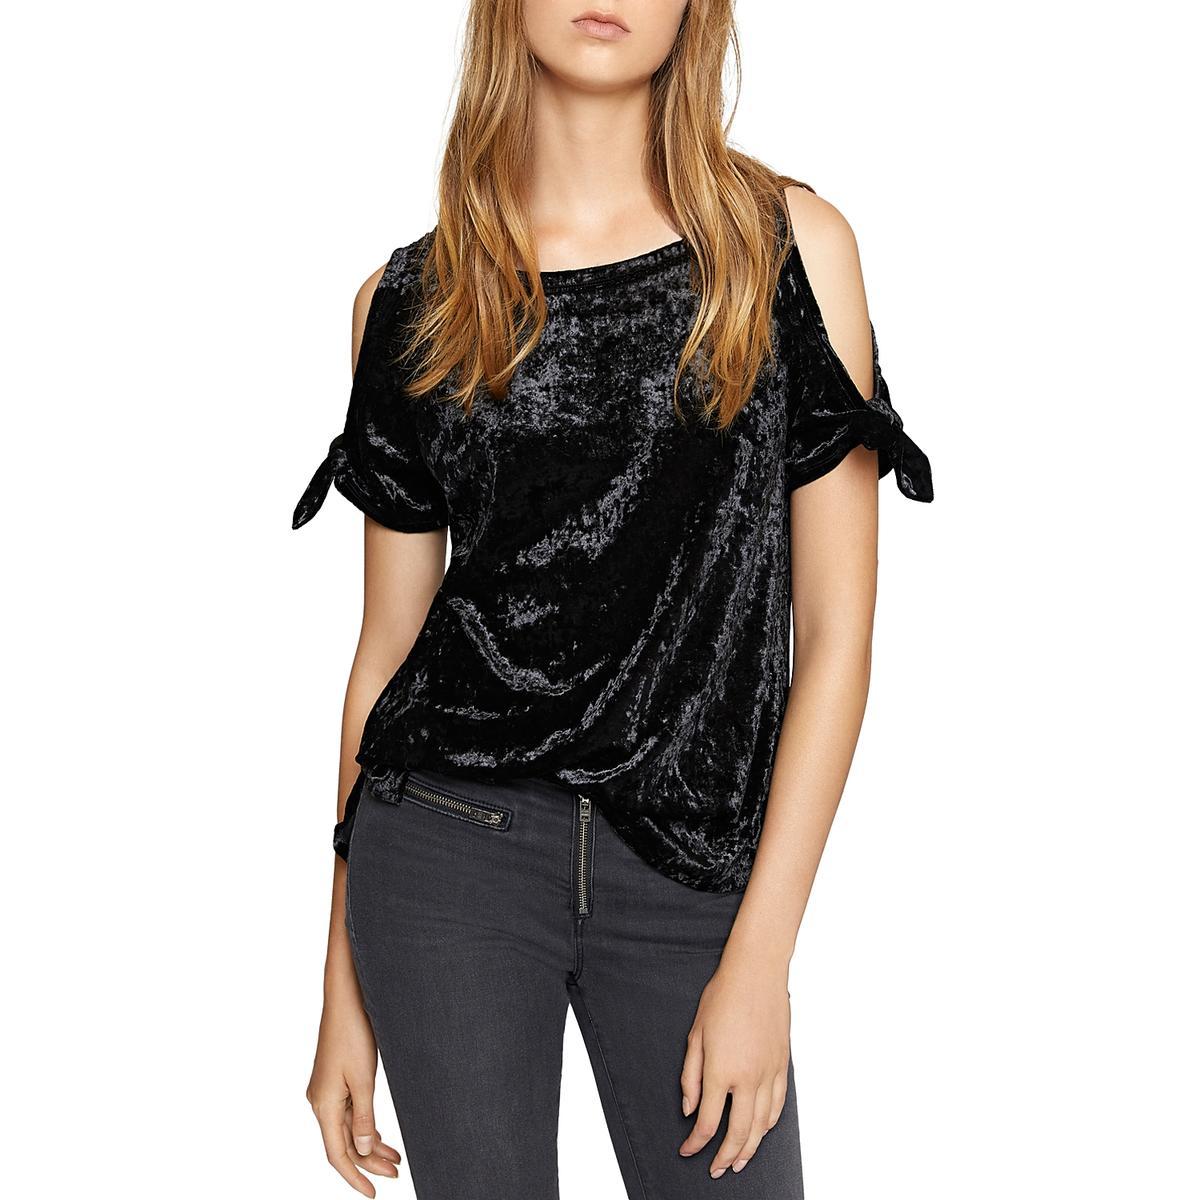 8140b884c0fc3 Details about Sanctuary Womens Lou Lou Crushed Velvet Cold Shoulder T-Shirt  Top BHFO 1398